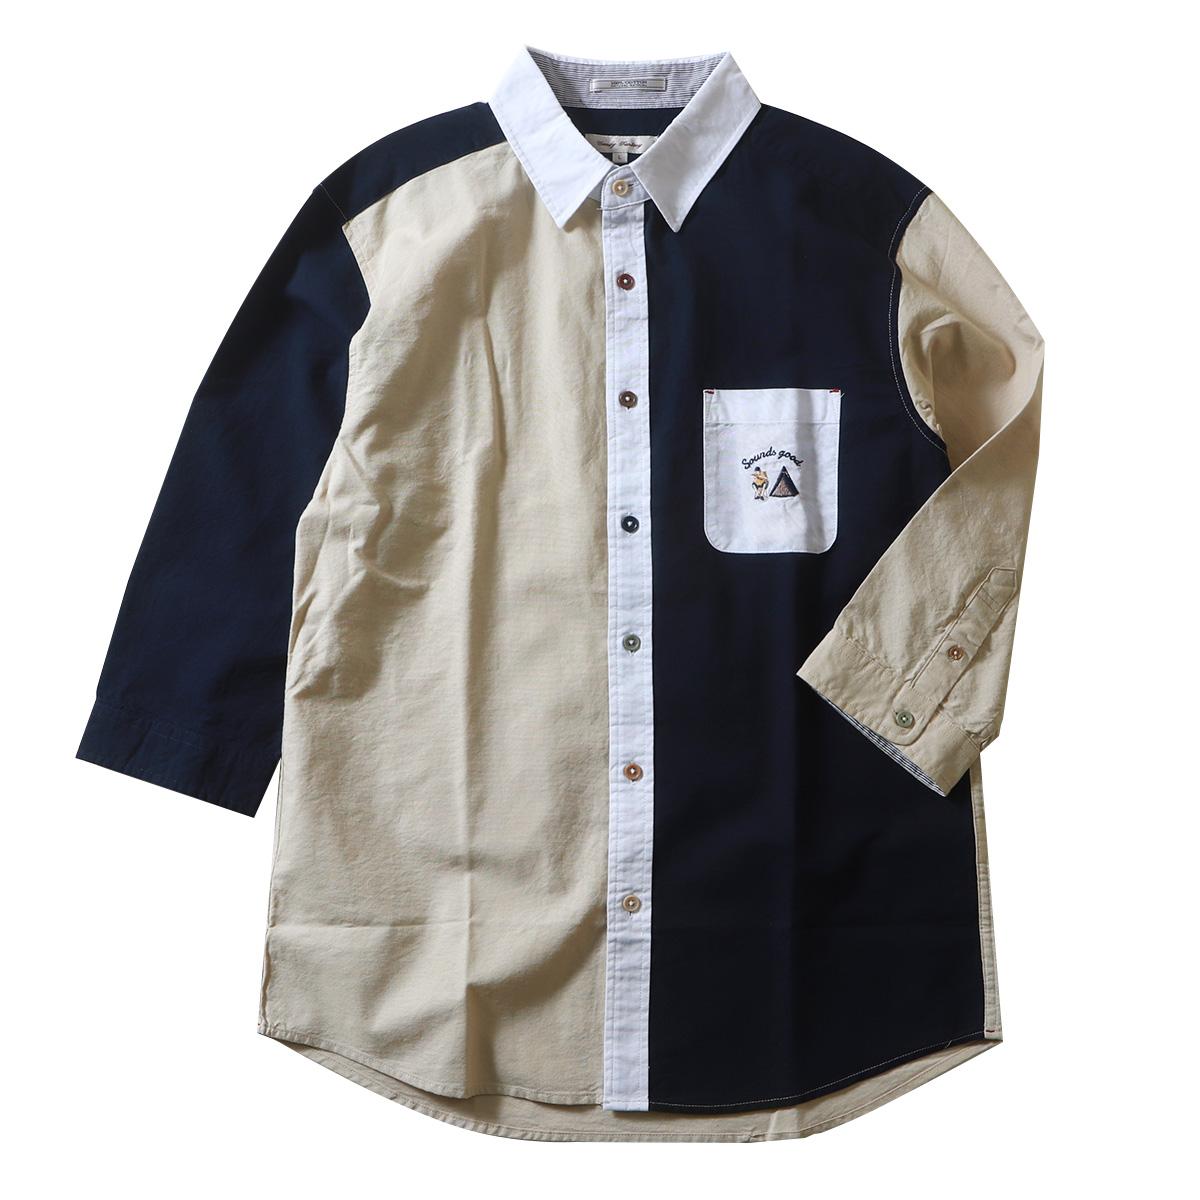 ワンポイント刺繍 ランダムボタン 7分袖アメリカンオックスシャツ メンズ アメカジ